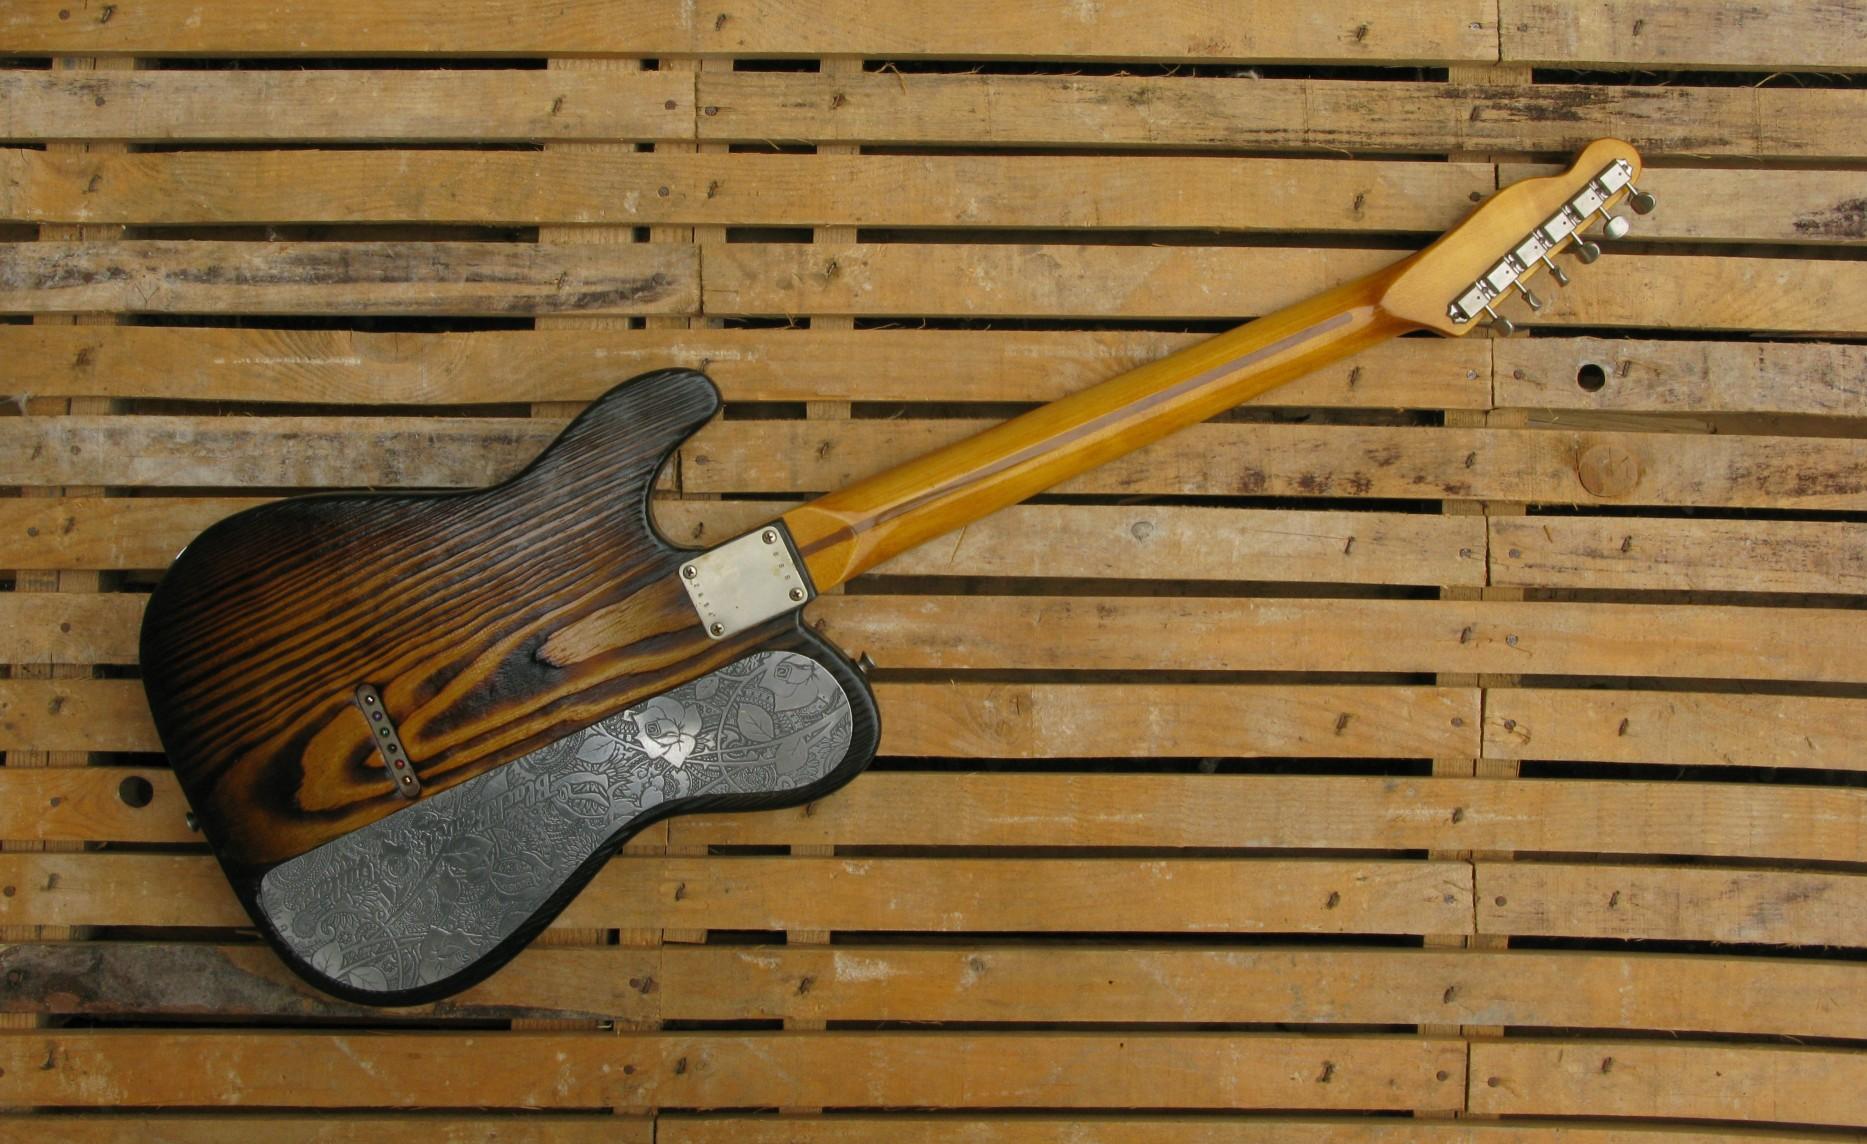 Retro di una chitarra Telecaster Thinline in yellow pine roasted